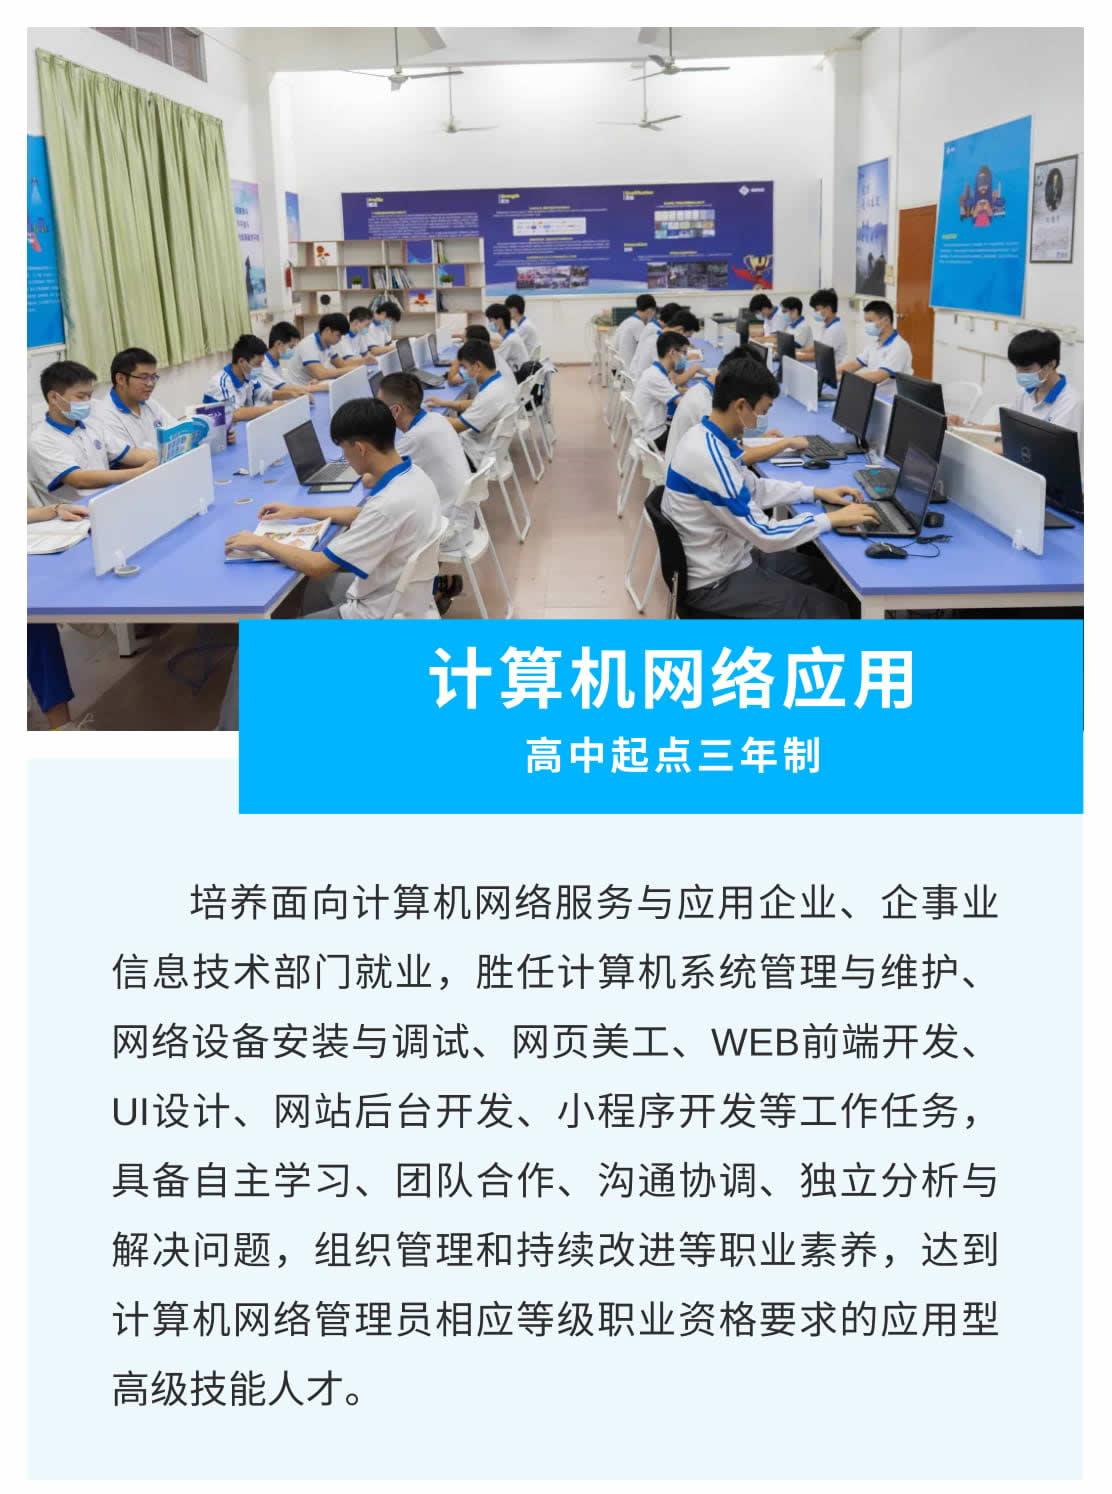 计算机网络应用(高中起点三年制)-1_r1_c1.jpg